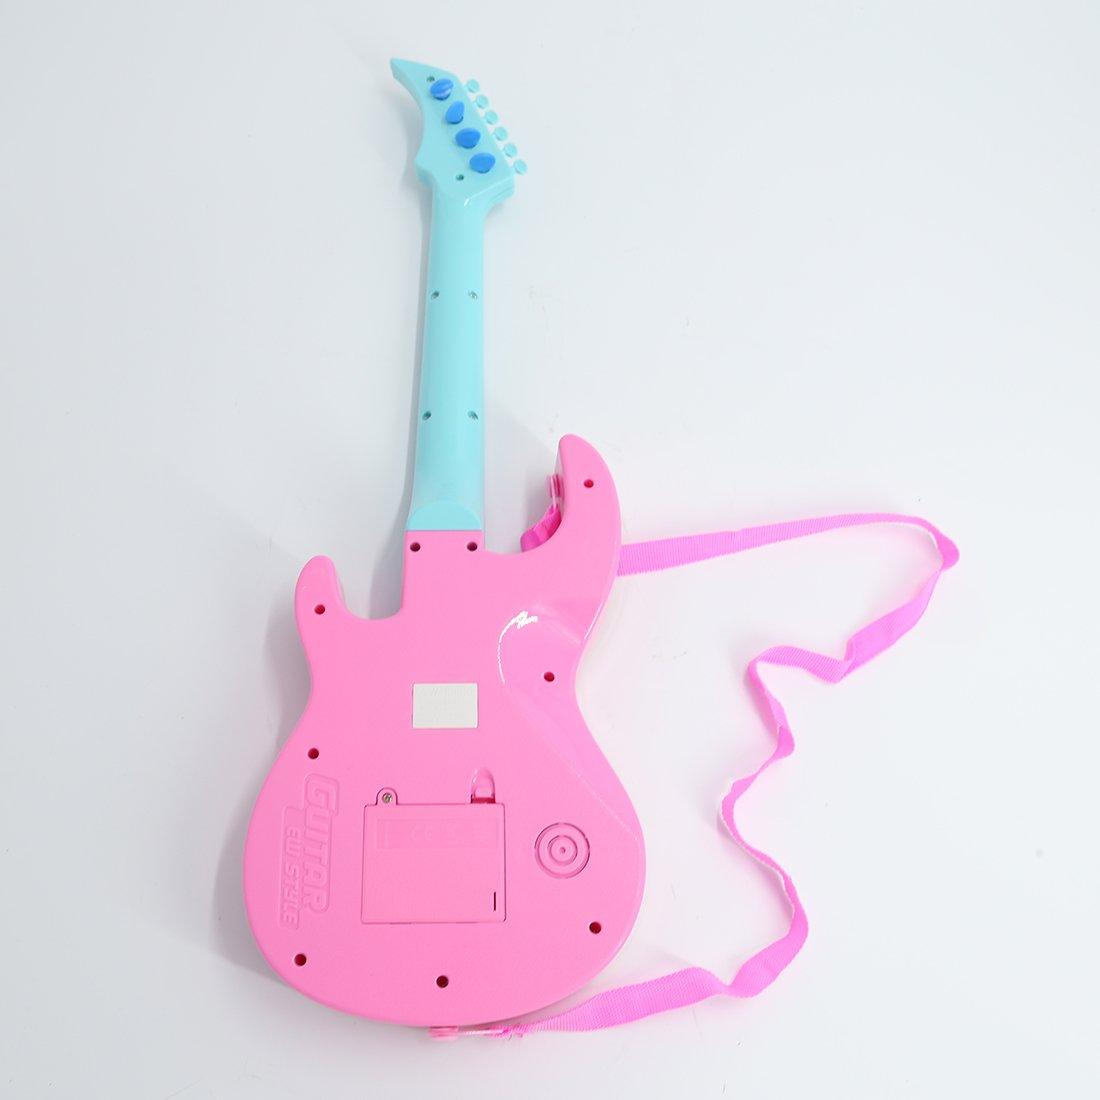 LVPY Kindergitarre 53 cm 4-Saitige Mini-Gitarre aus Kunststoff Instrument Simulation Gitarre Musikinstrument f/ür Kinder ab 3 Jahre Rot